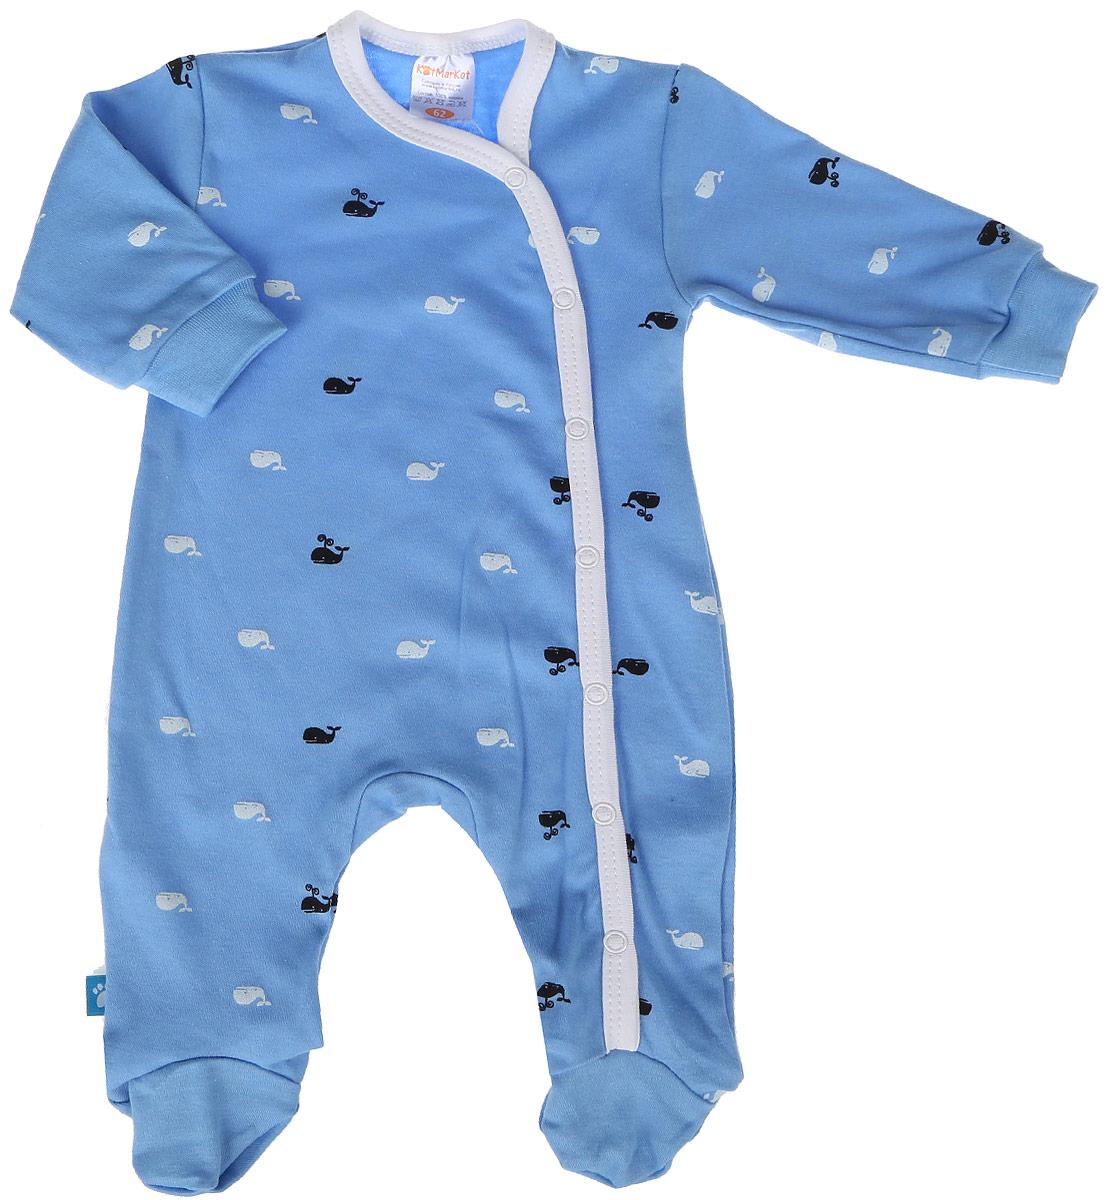 Комбинезон домашний для мальчика КотМарКот, цвет: синий, белый. 6311. Размер 686311Комбинезон домашний для мальчика КотМарКот выполнен из качественного материала. Модель с длинными рукавами застегивается на кнопки.